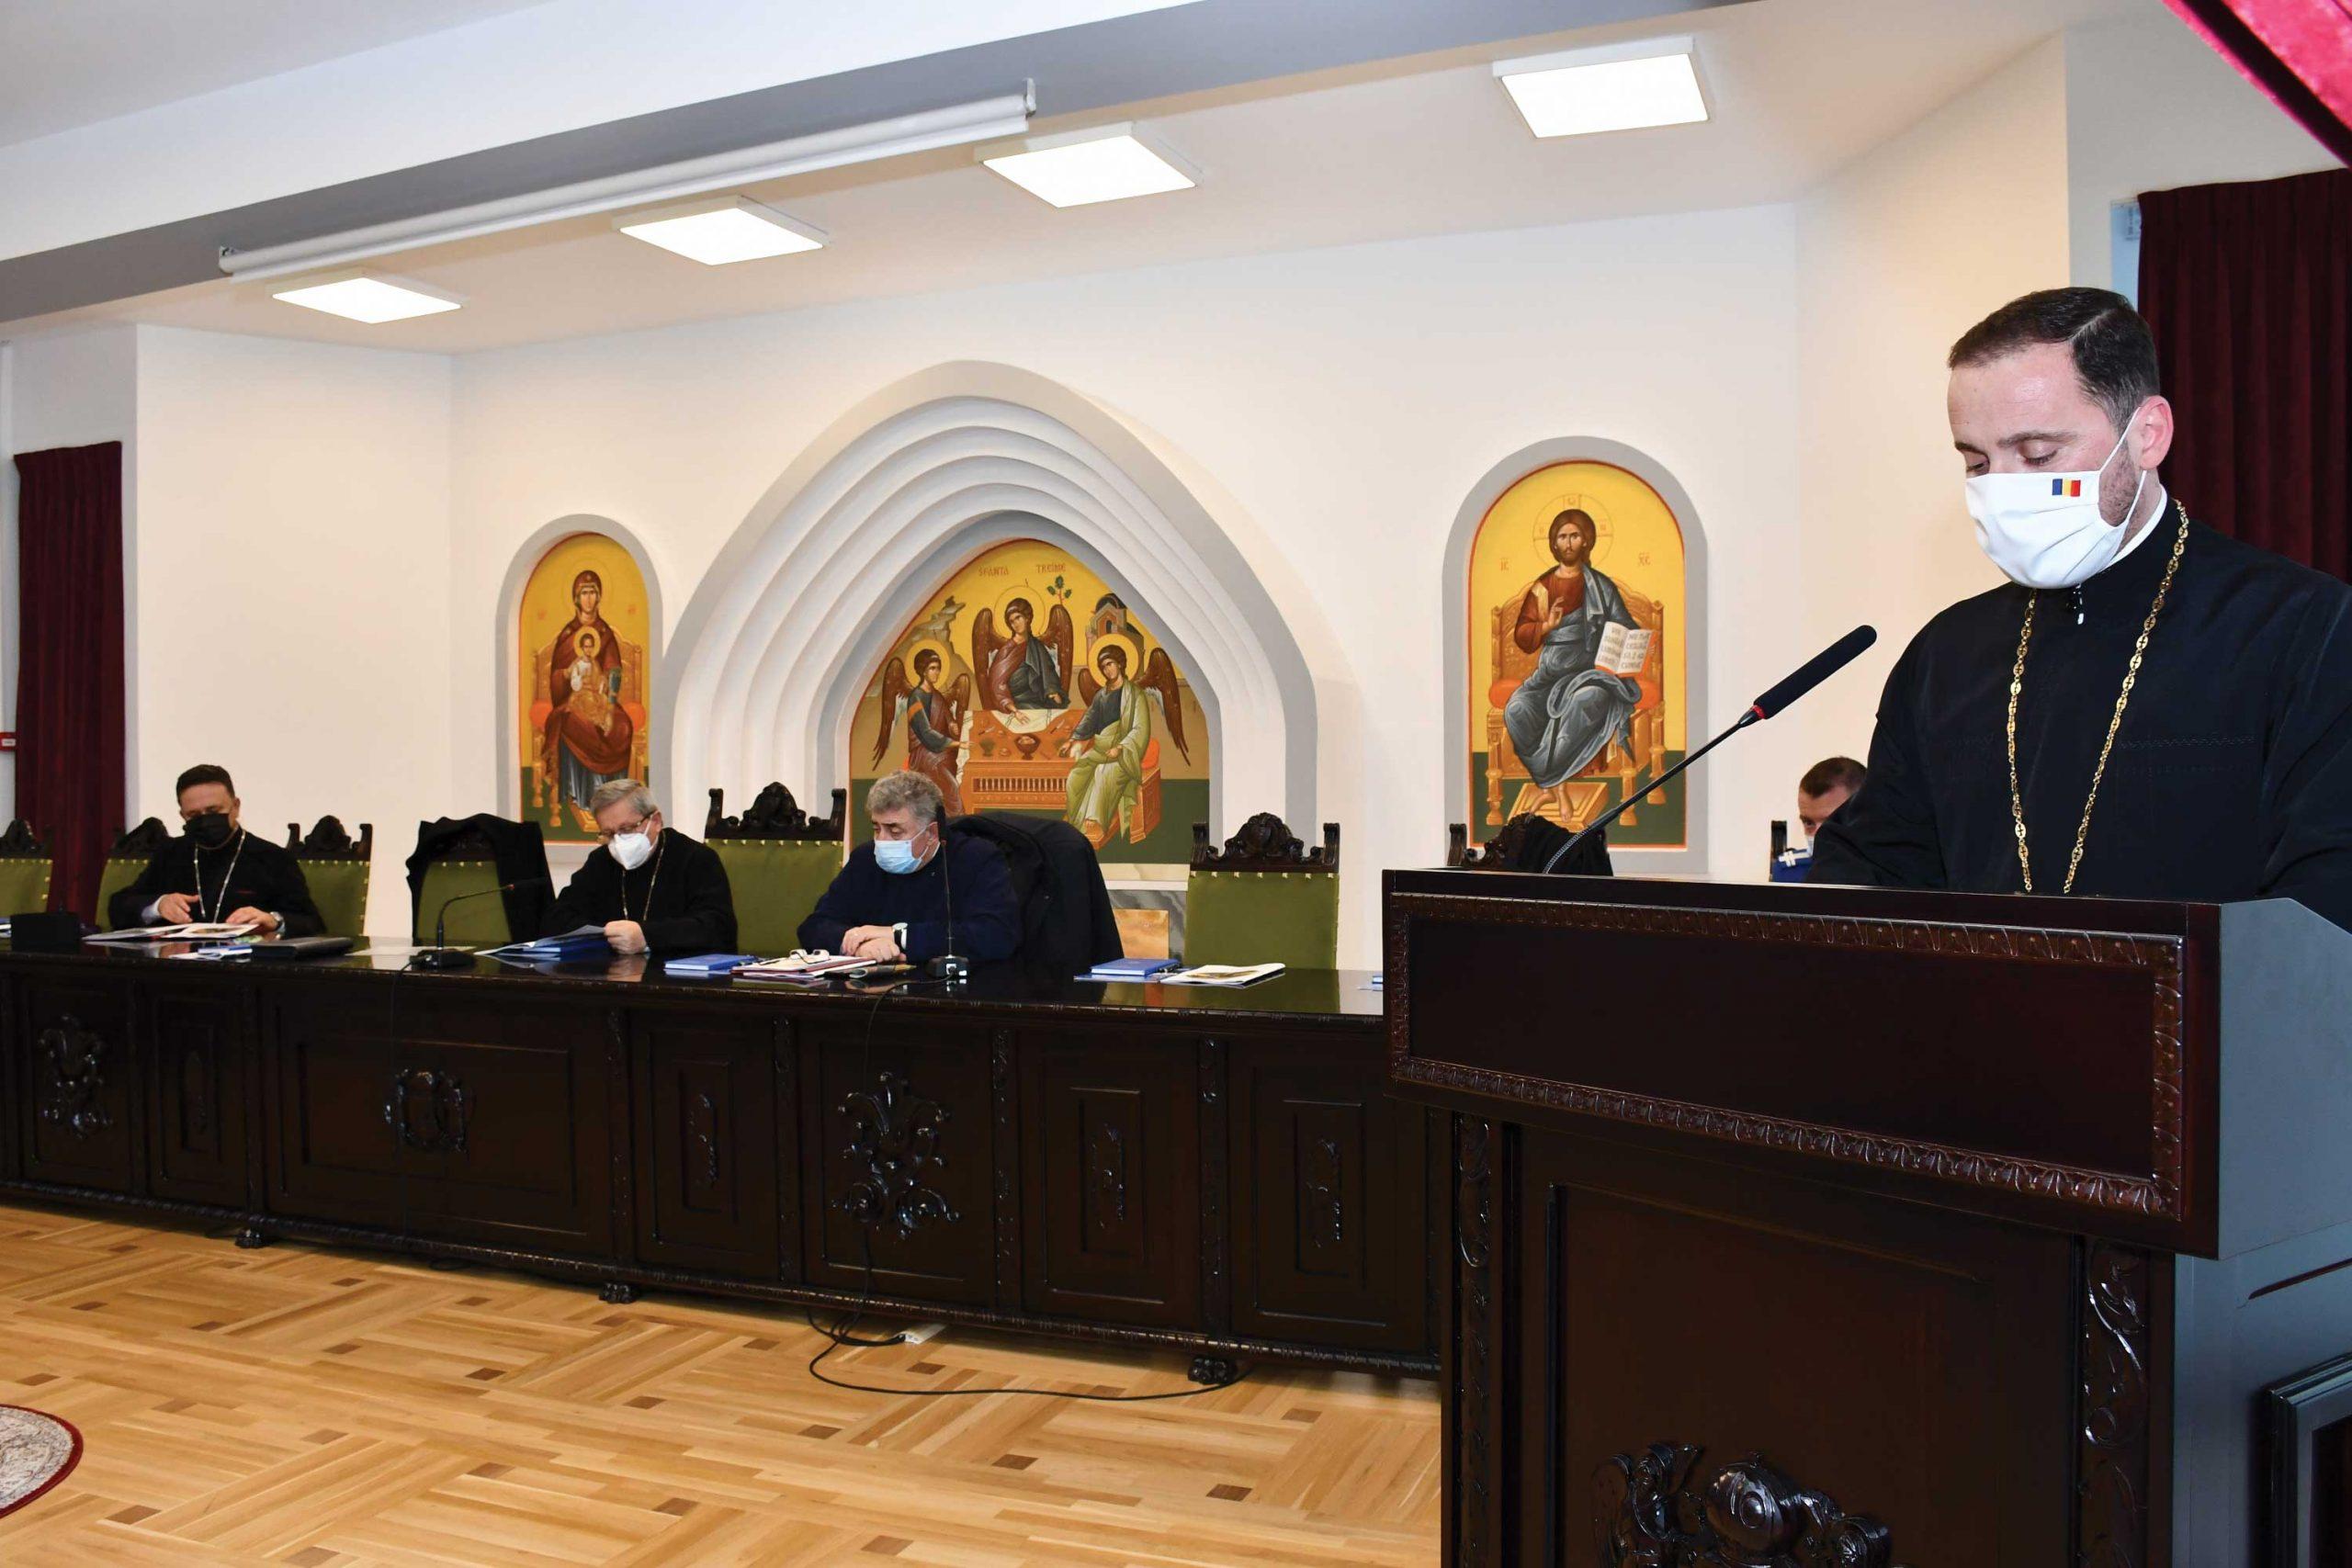 Întâlnirea anuală a preoților din cadrul Ministerului Afacerilor Interne